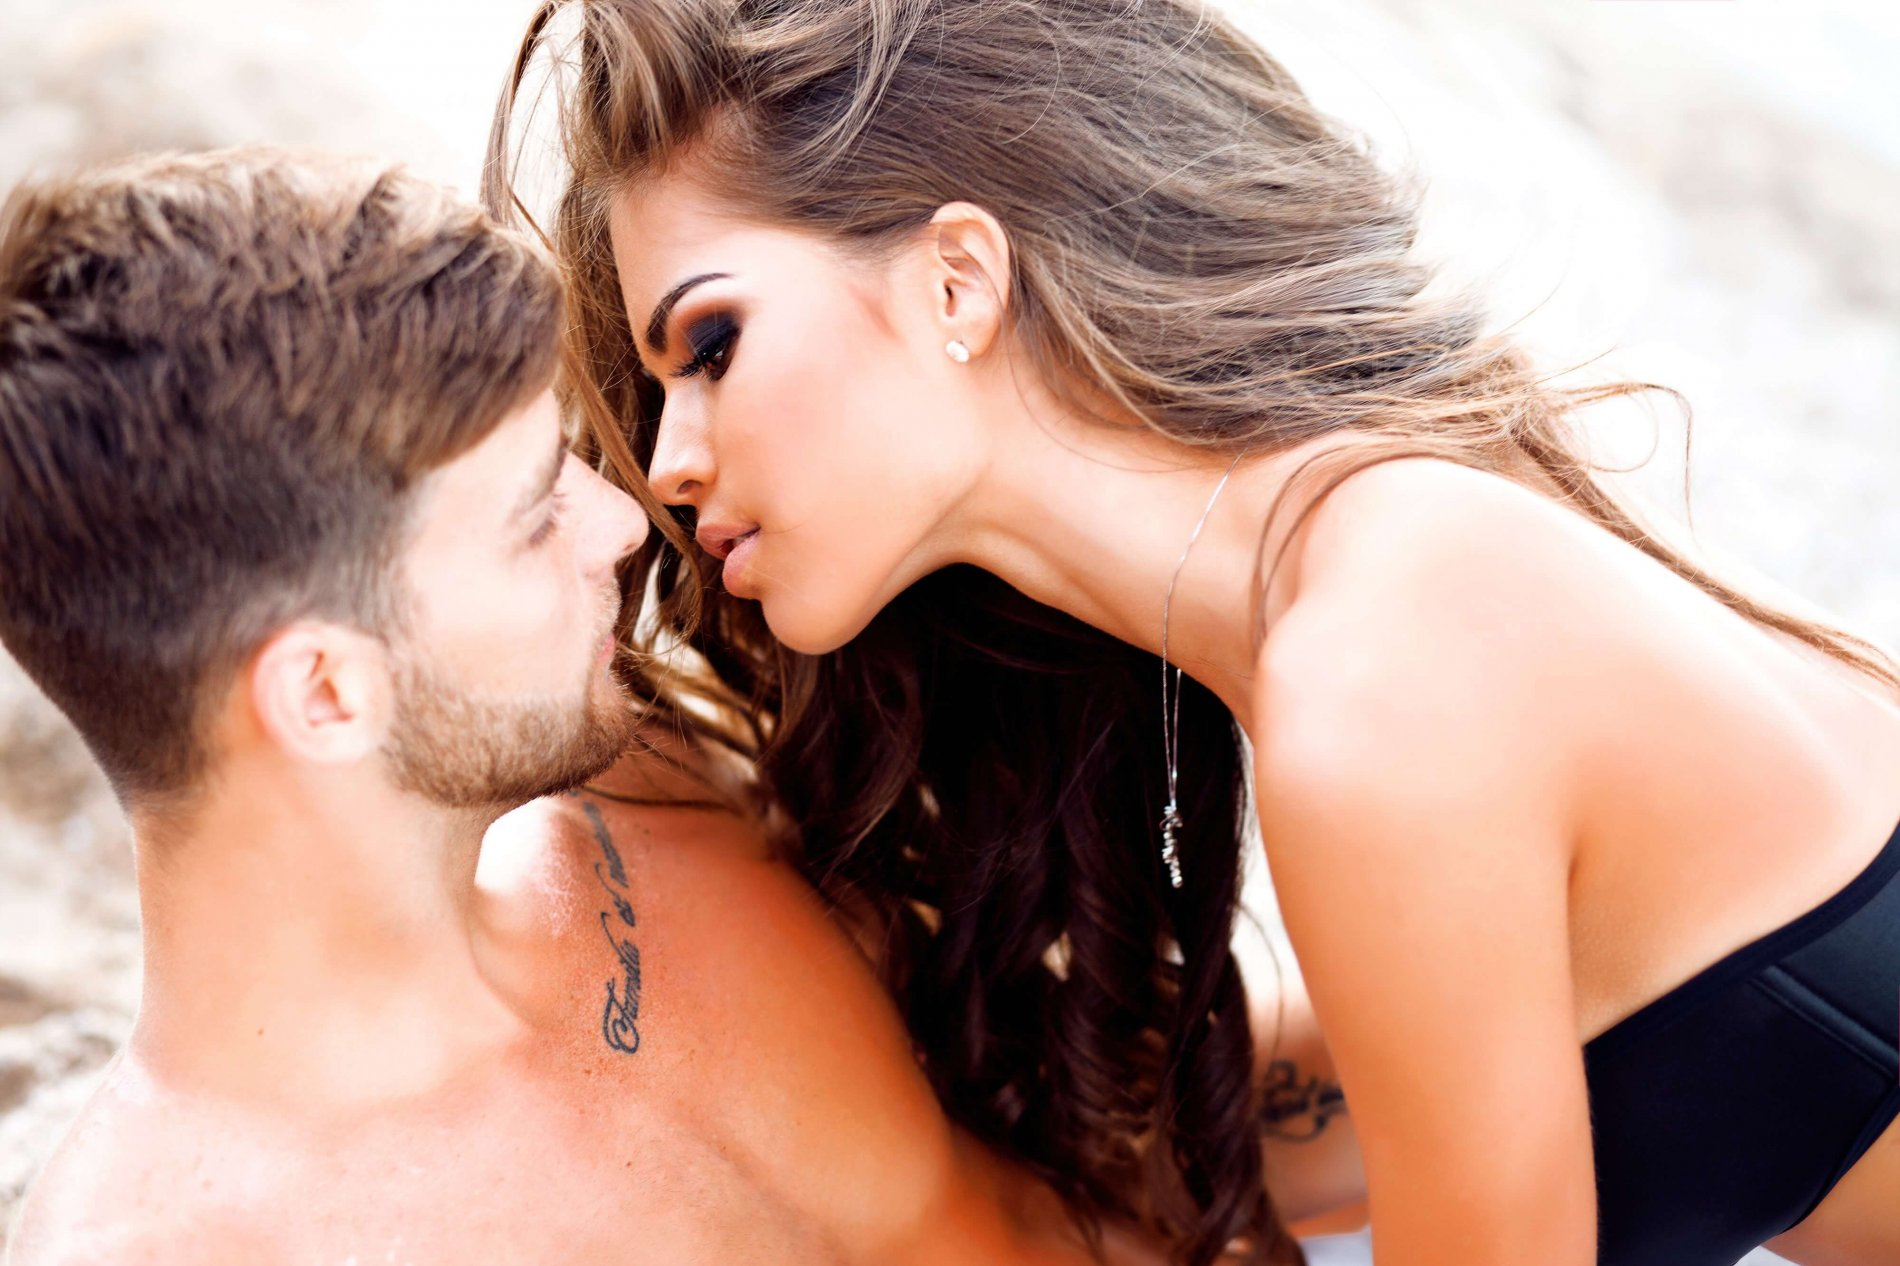 Het creëren van buitengewone intimiteit in een ingesloten-wereld